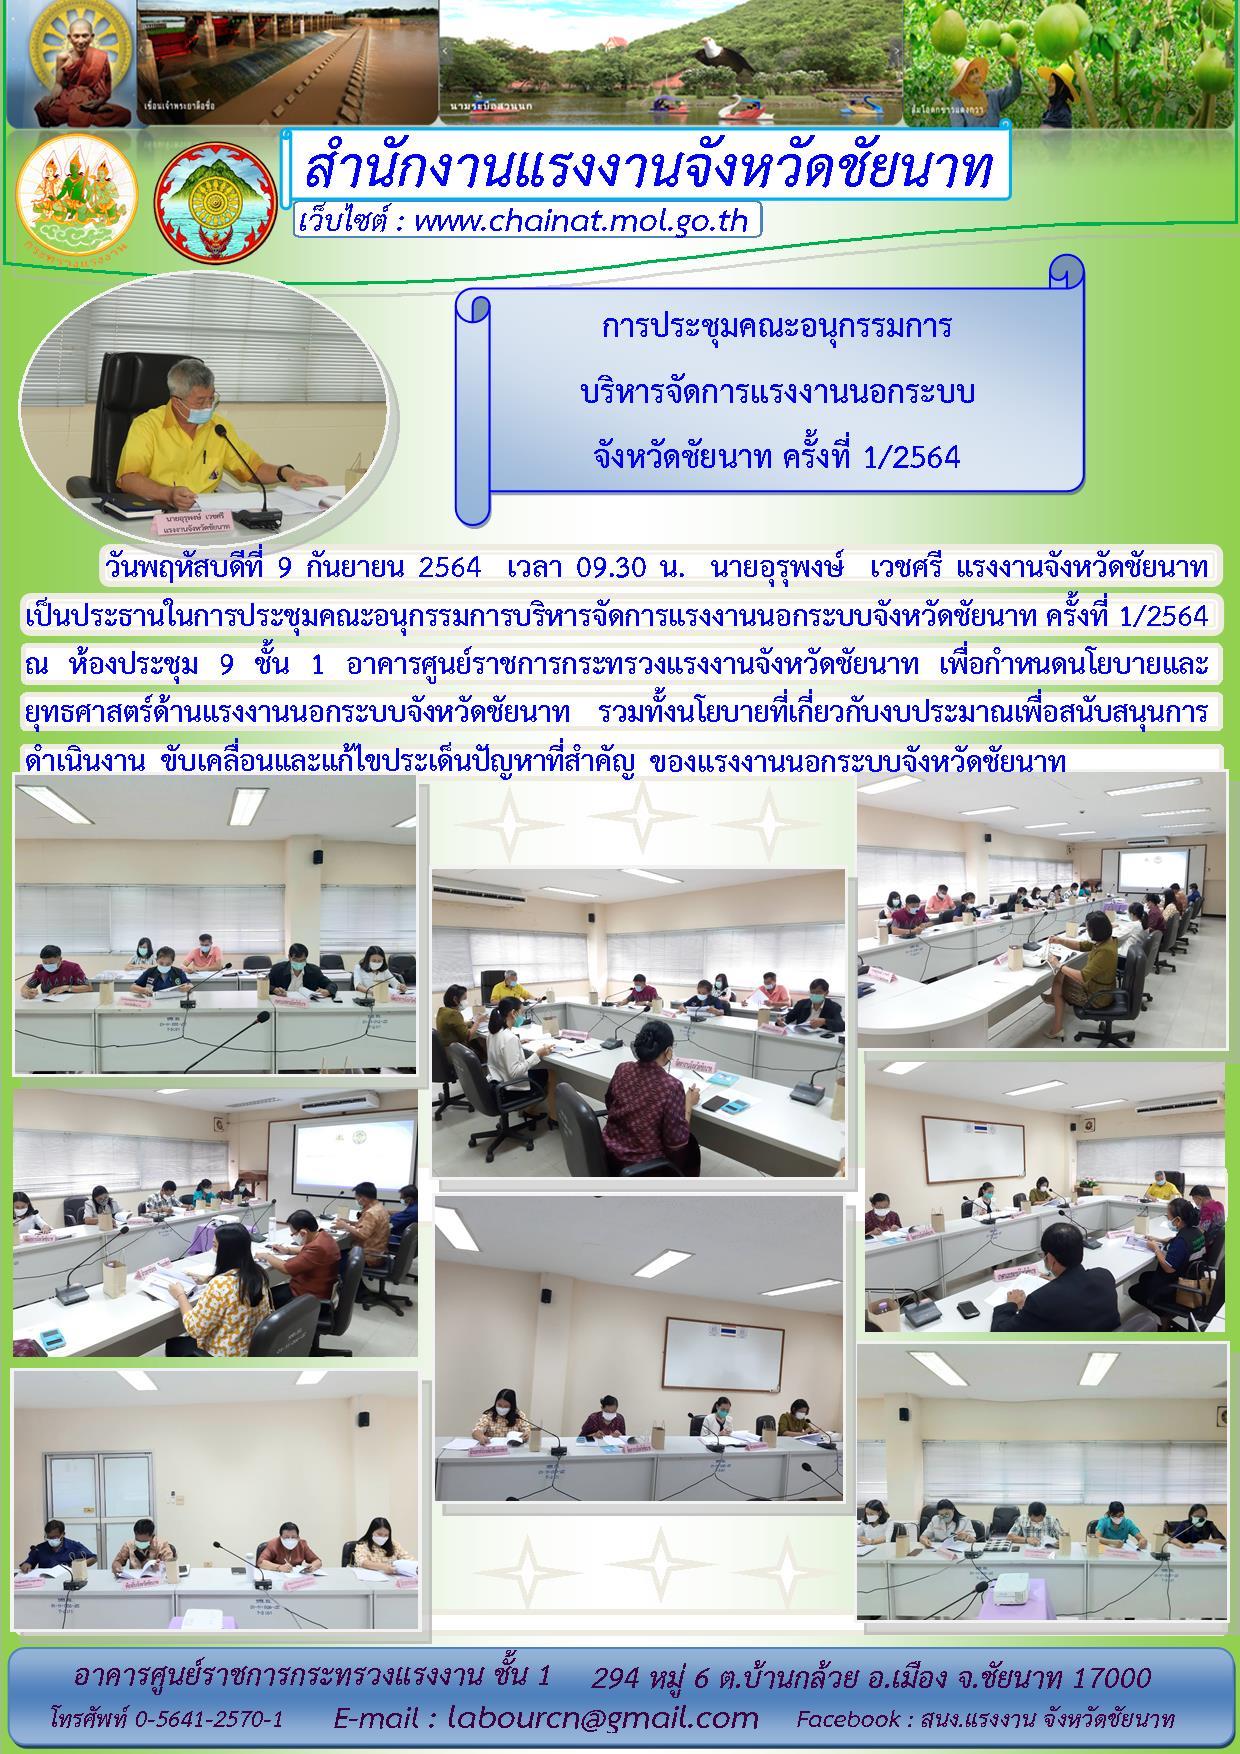 การประชุมคณะอนุกรรมการบริหารจัดการแรงงานนอกระบบจังหวัดชัยนาท ครั้งที่ 1/2564